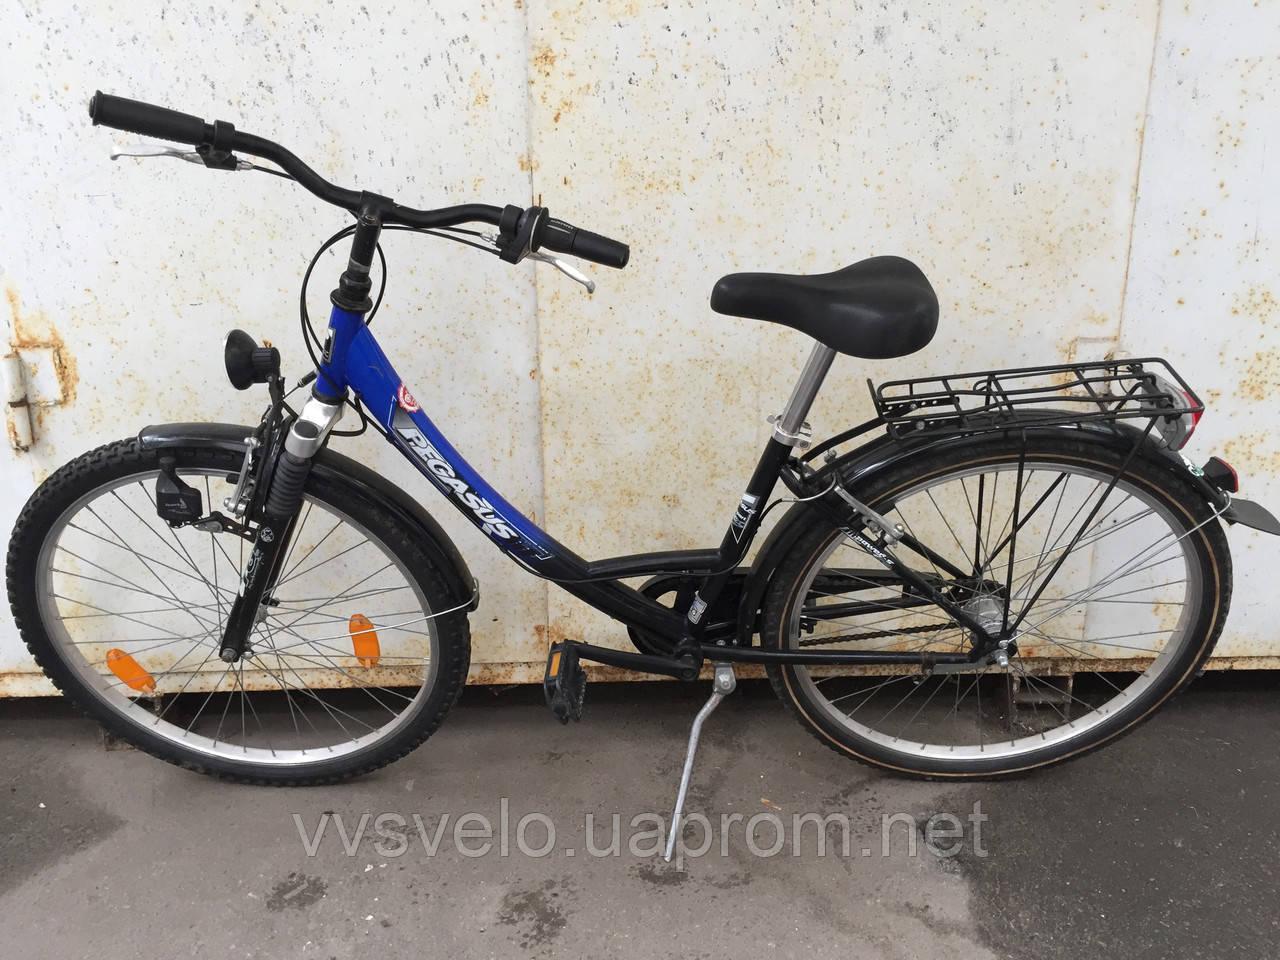 Продан Велосипеды Бу Из Европы PEGASUS 26 бу 3 ск